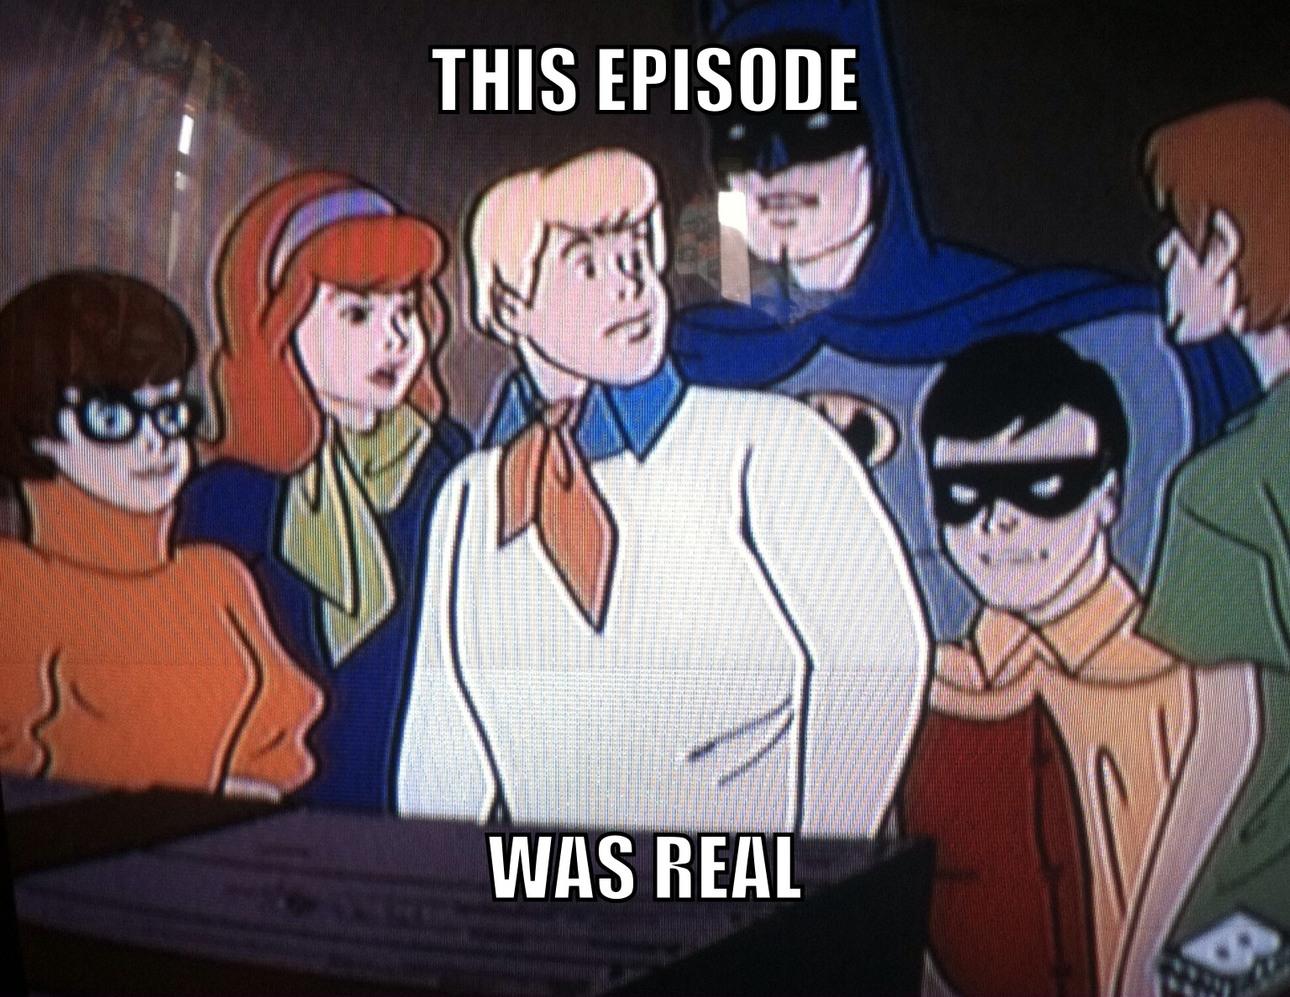 But the voice actors for robin and batman weren't - meme